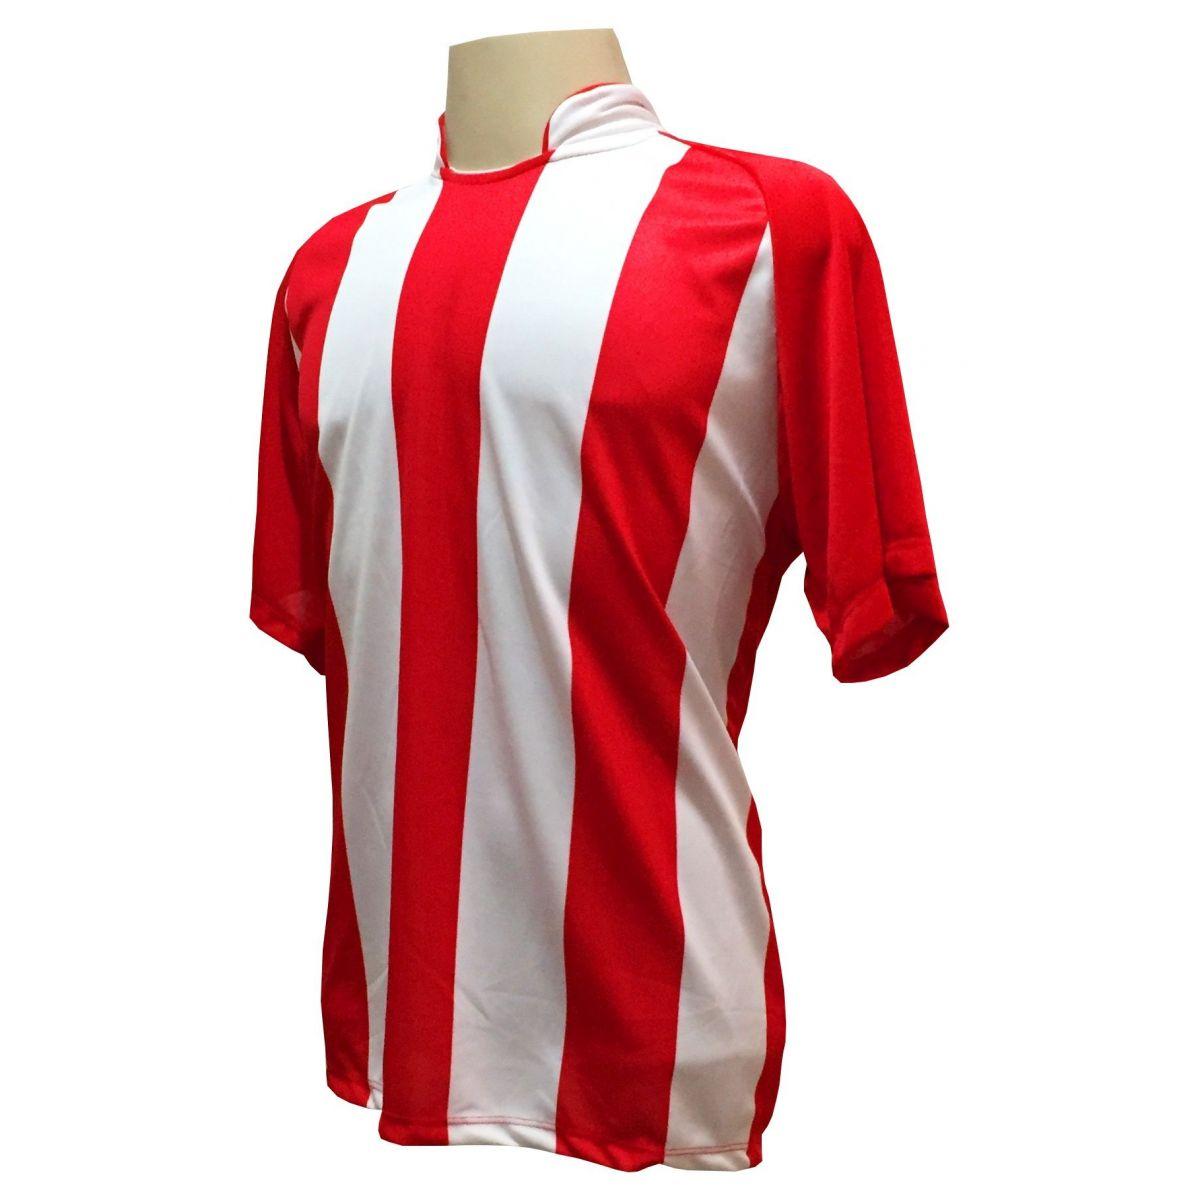 Jogo de Camisa com 18 unidades modelo Milan Vermelho/Branco + Brindes